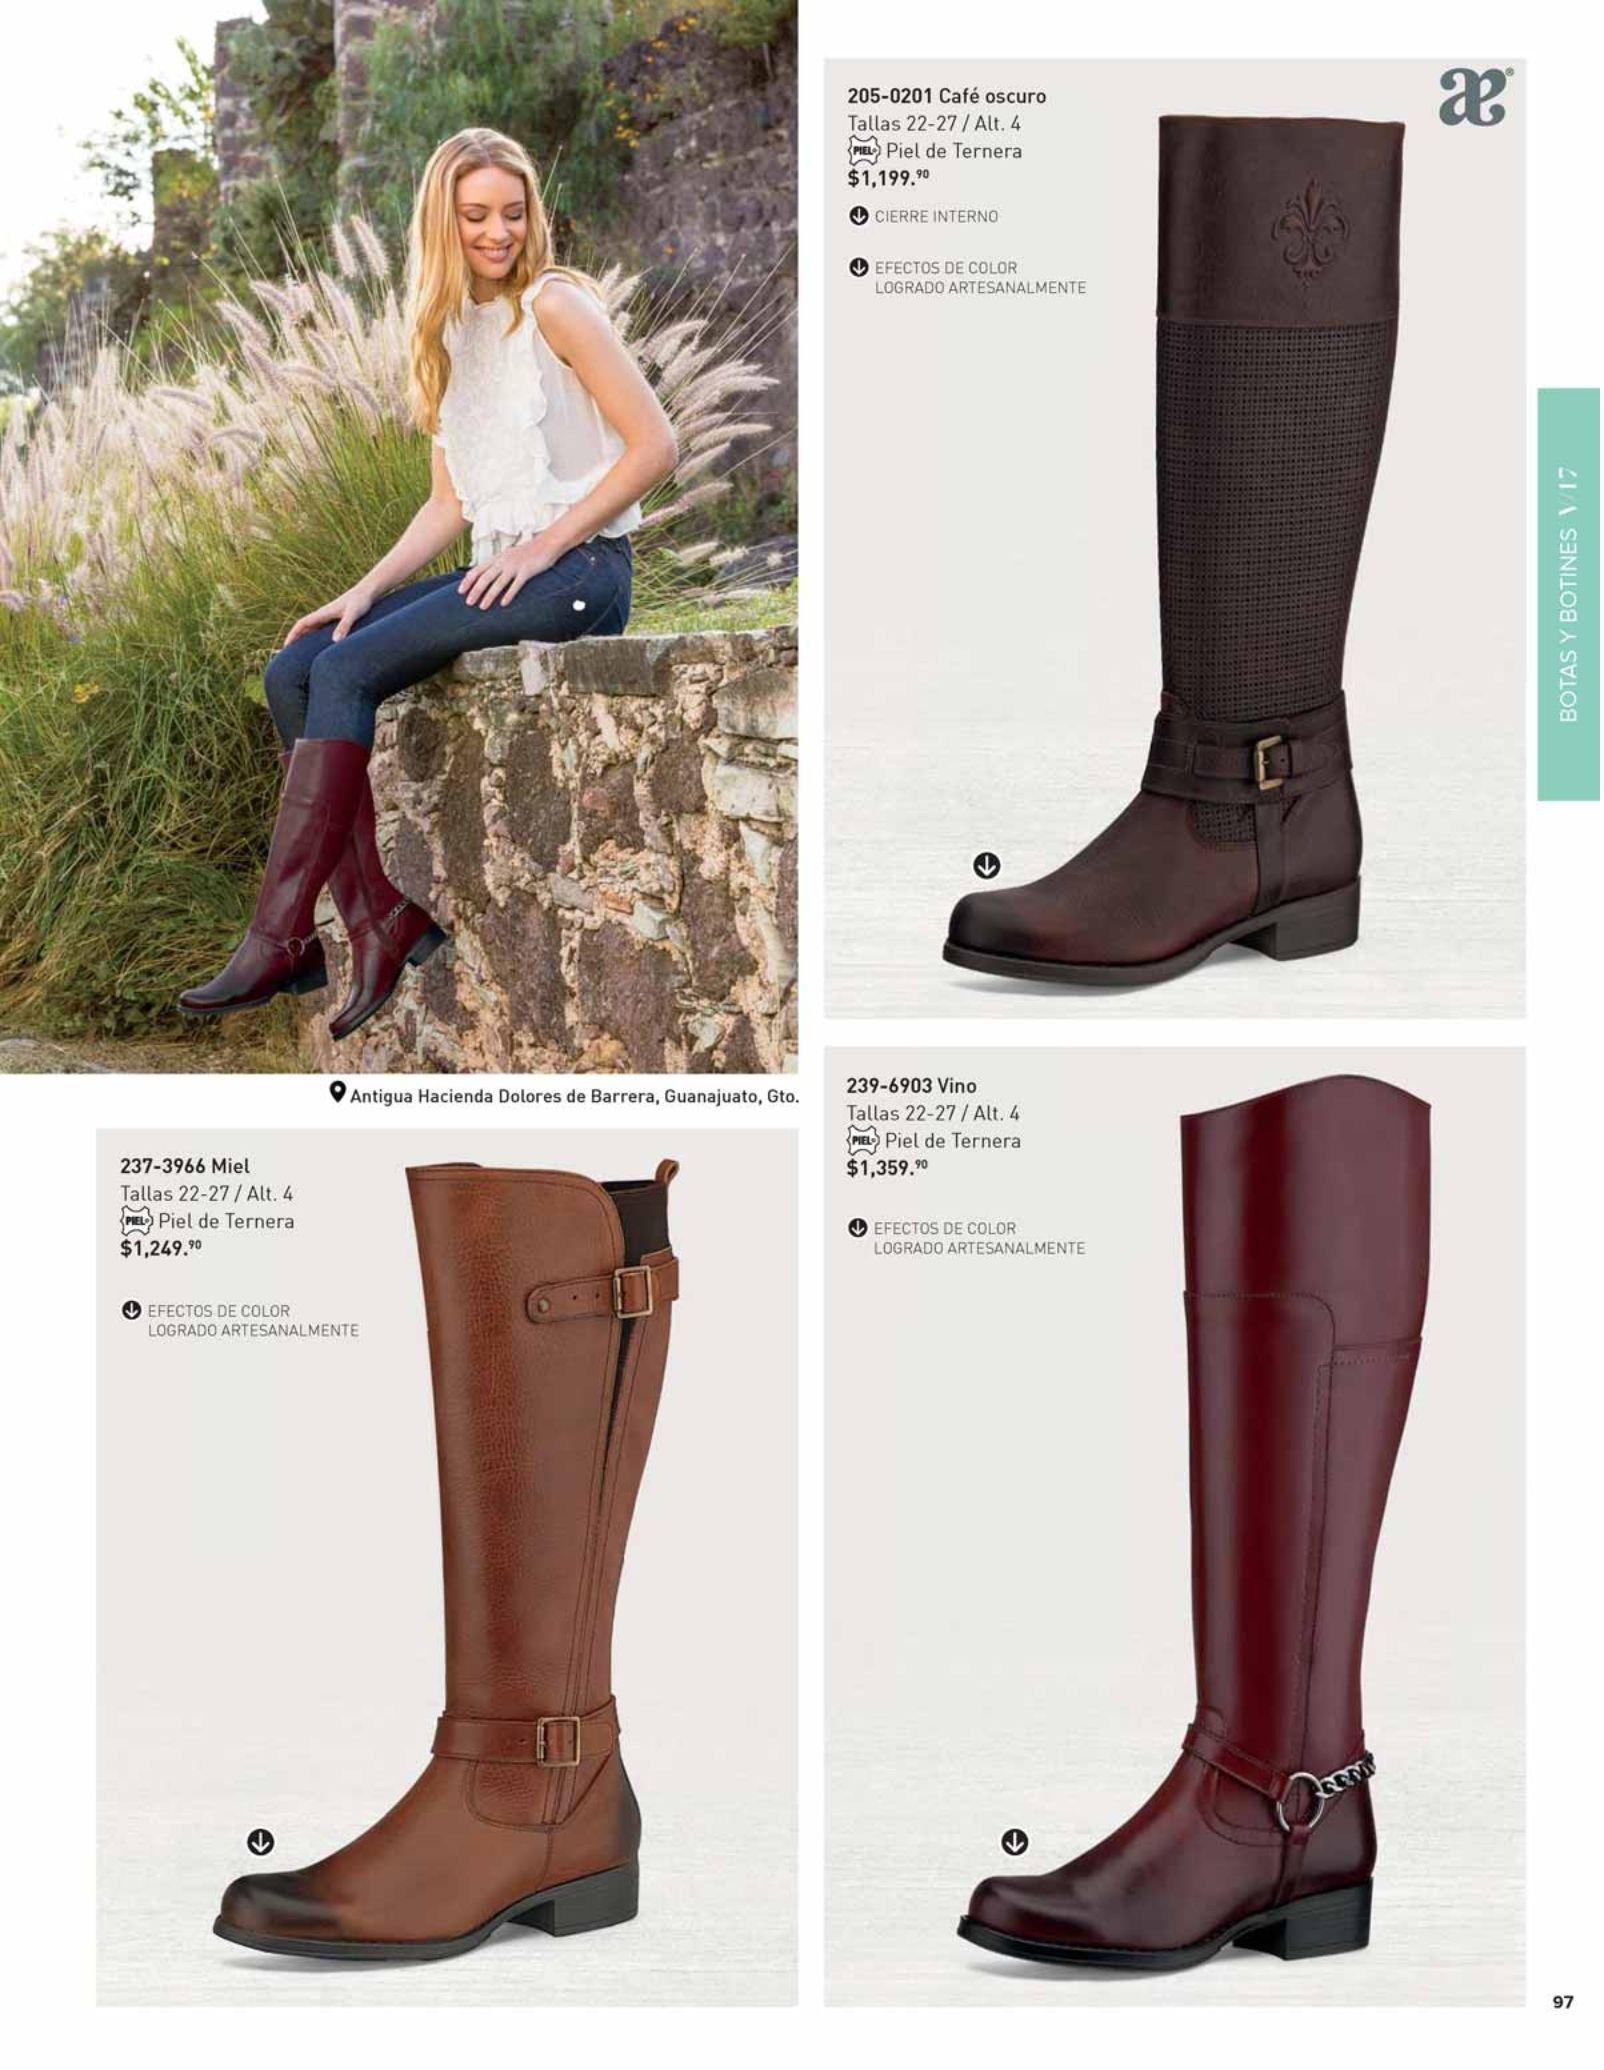 37378d2f61 Andrea  Catalogo de Zapatos para Dama Verano 2017 Mexico